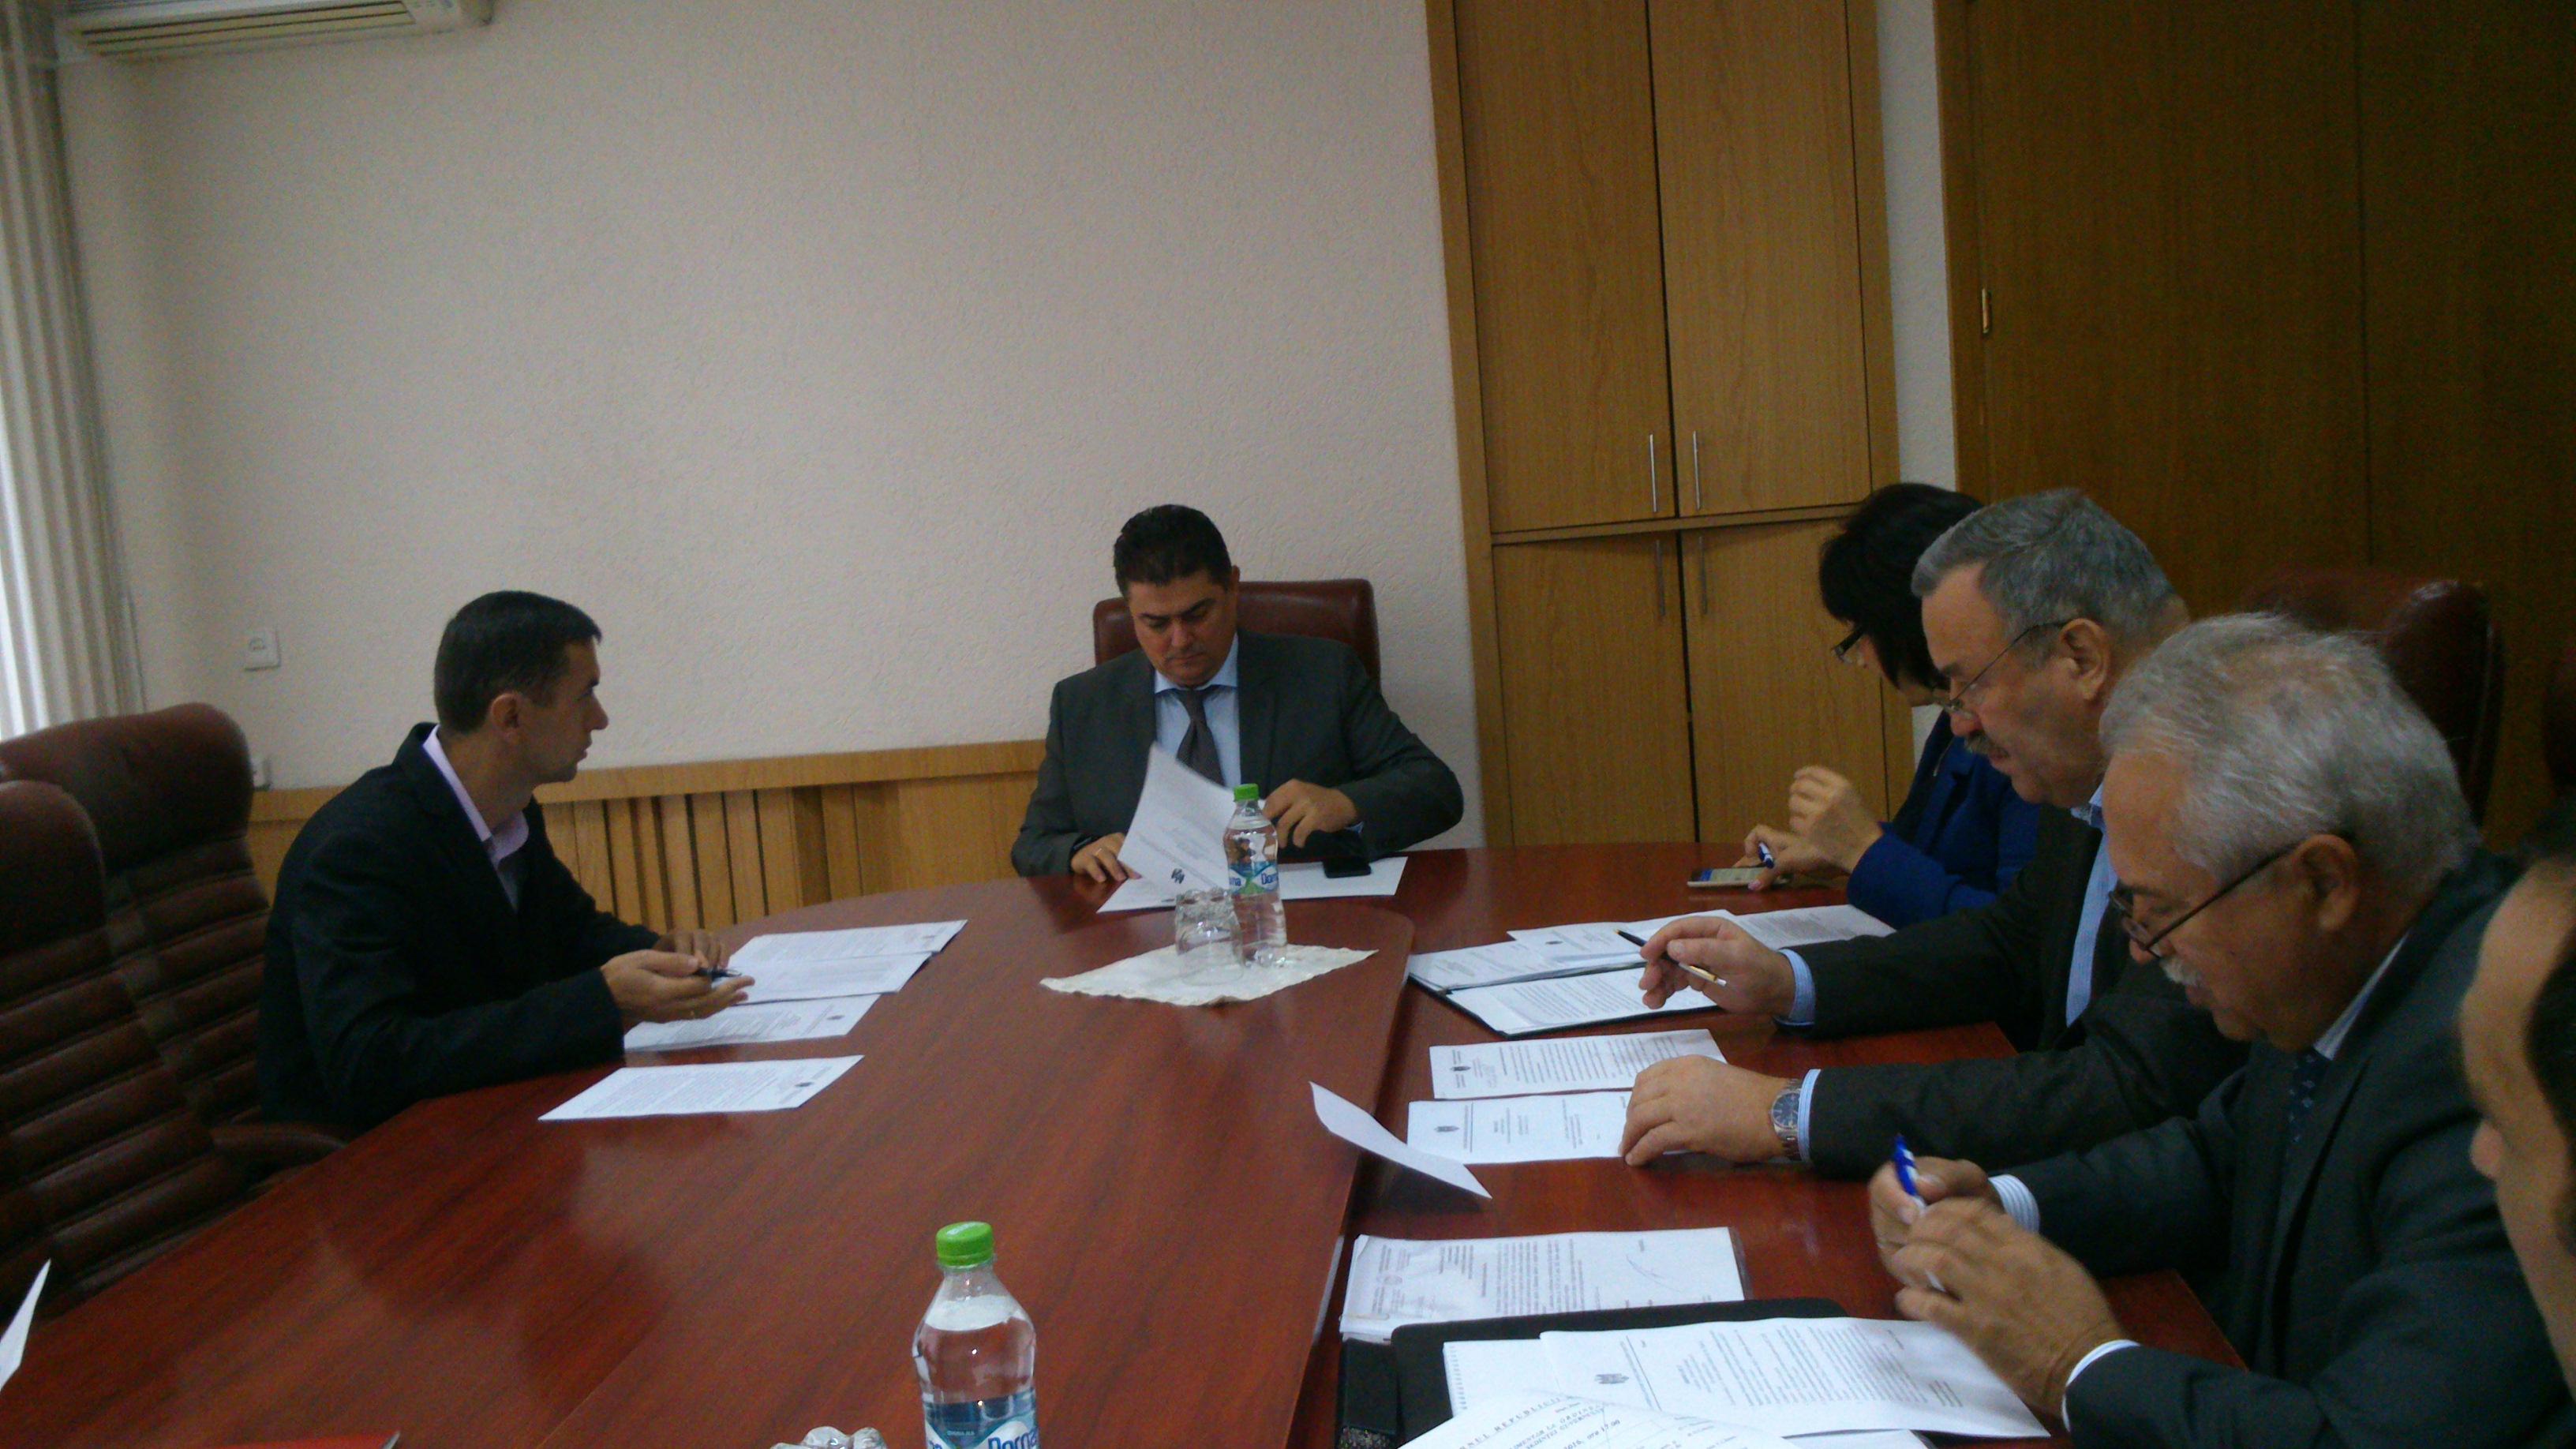 A avut loc şedinţa Biroului executiv al CNCNC